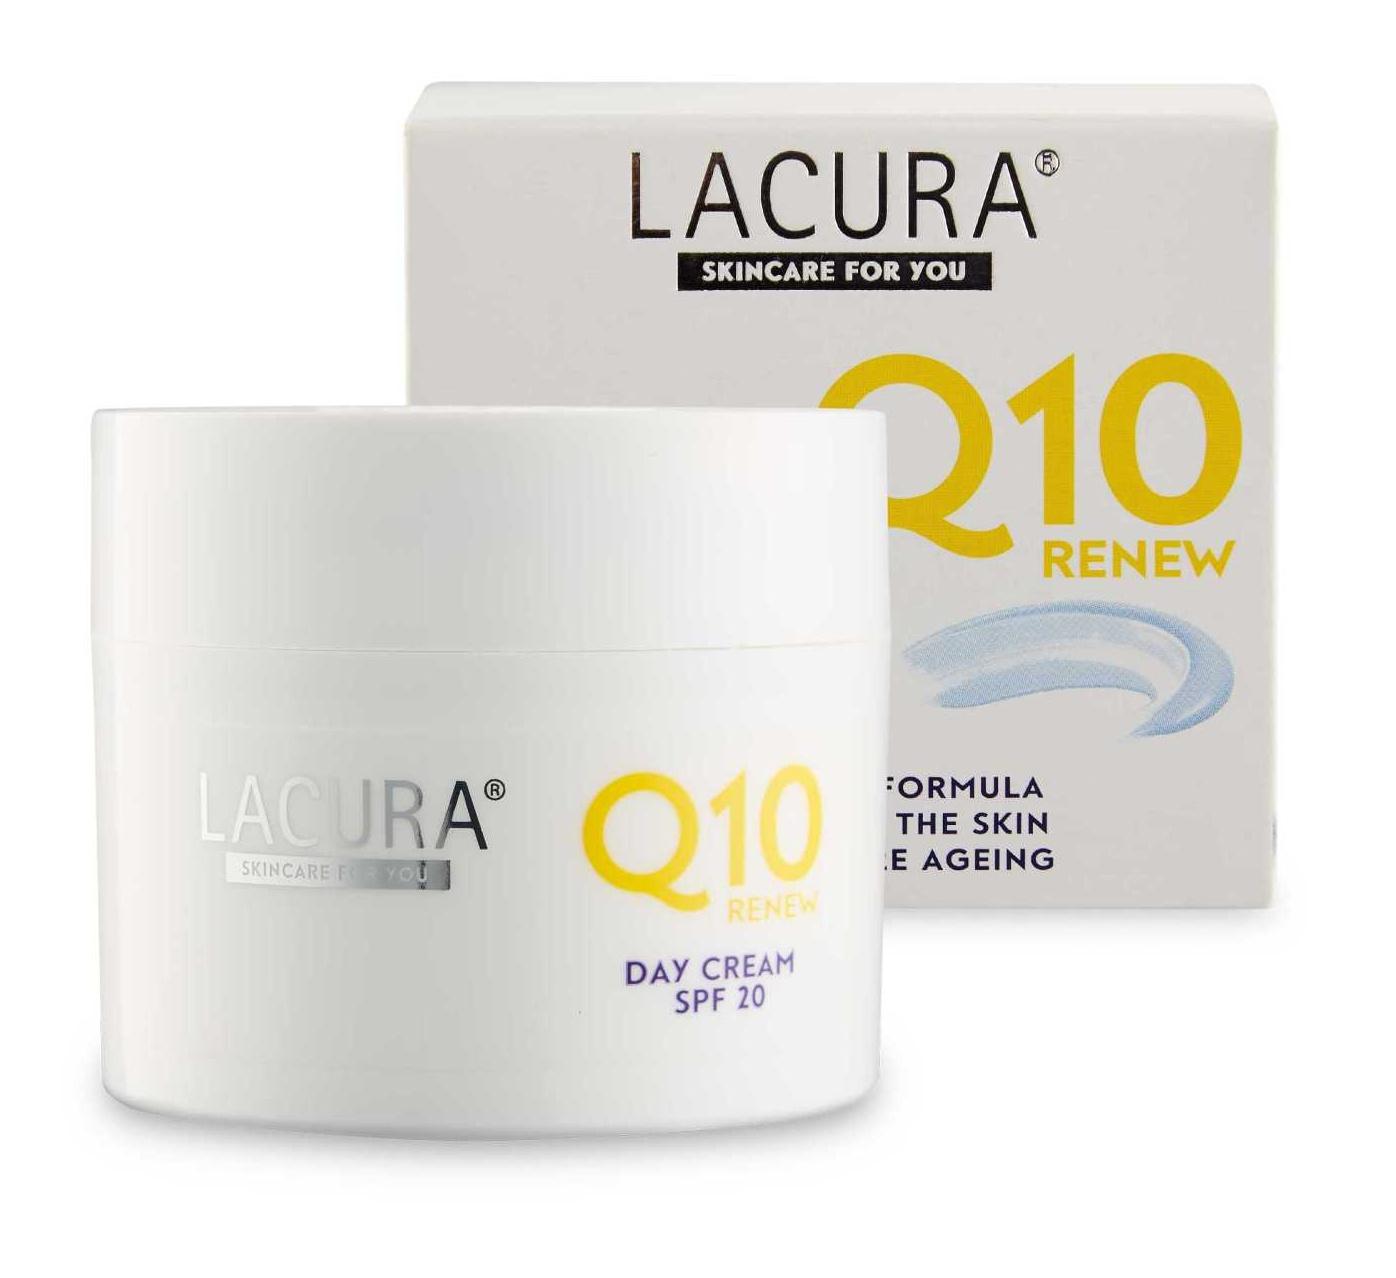 LACURA Q10 Renew Day Cream